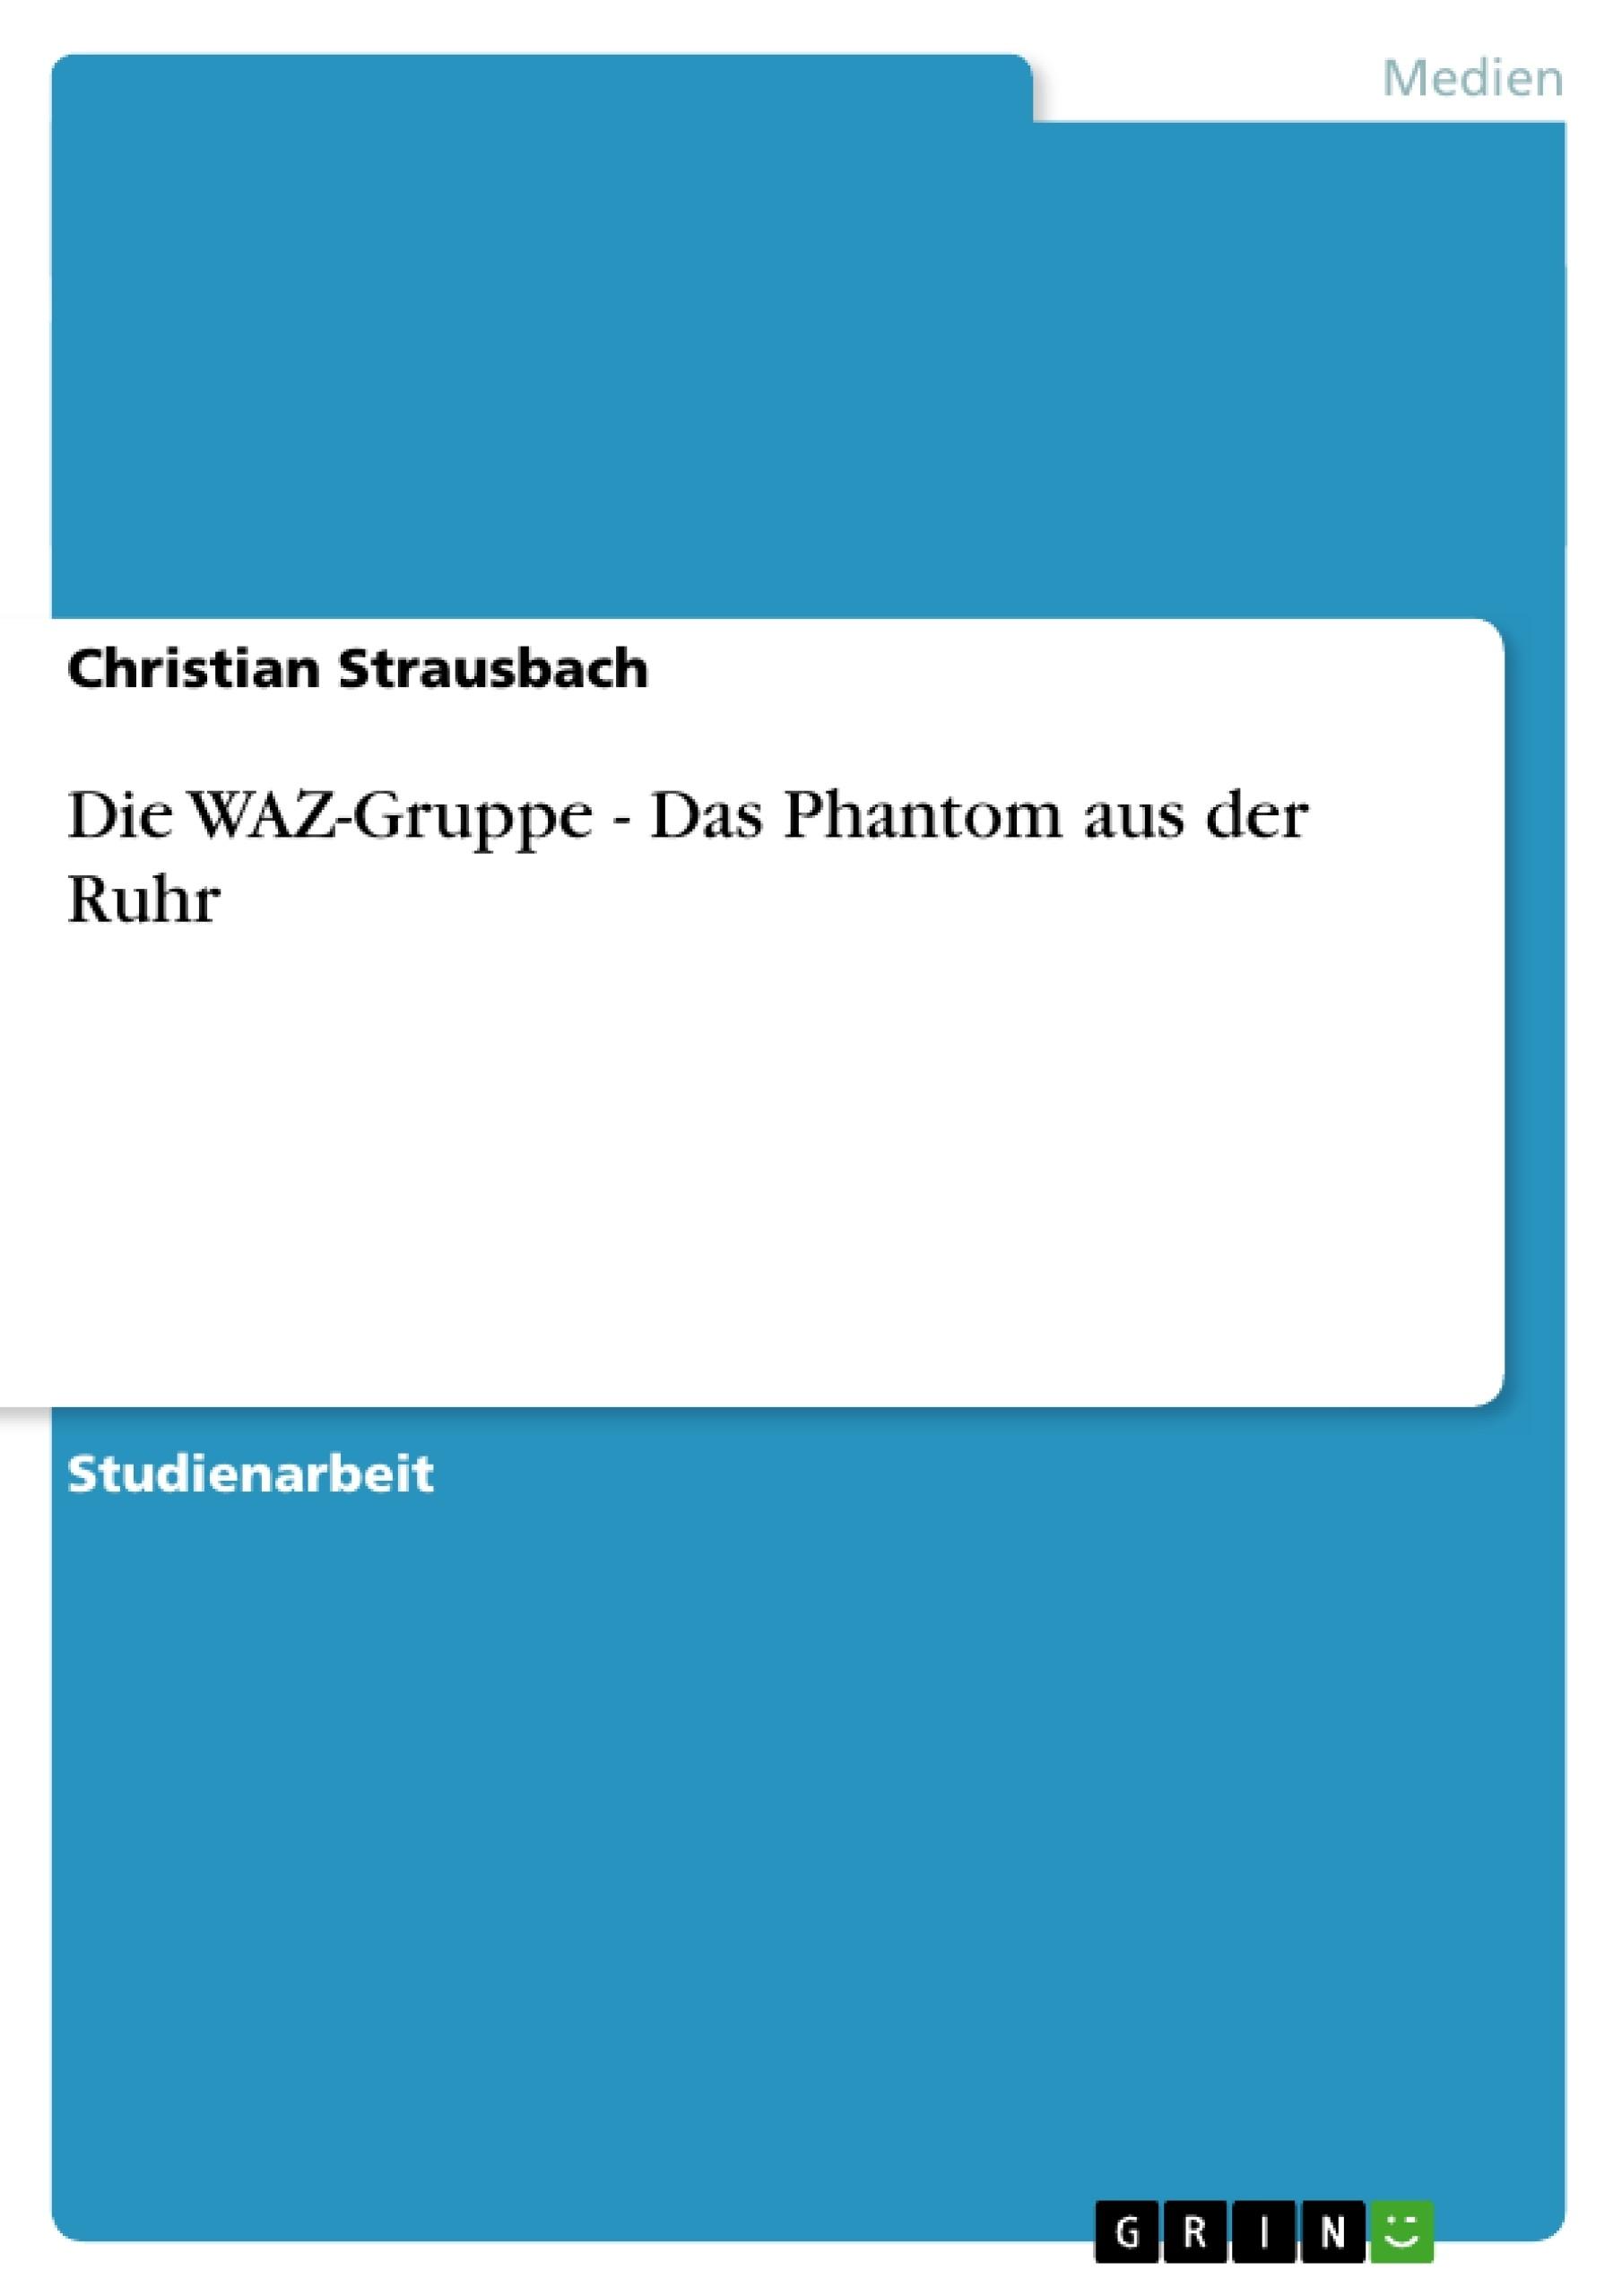 Titel: Die WAZ-Gruppe - Das Phantom aus der Ruhr